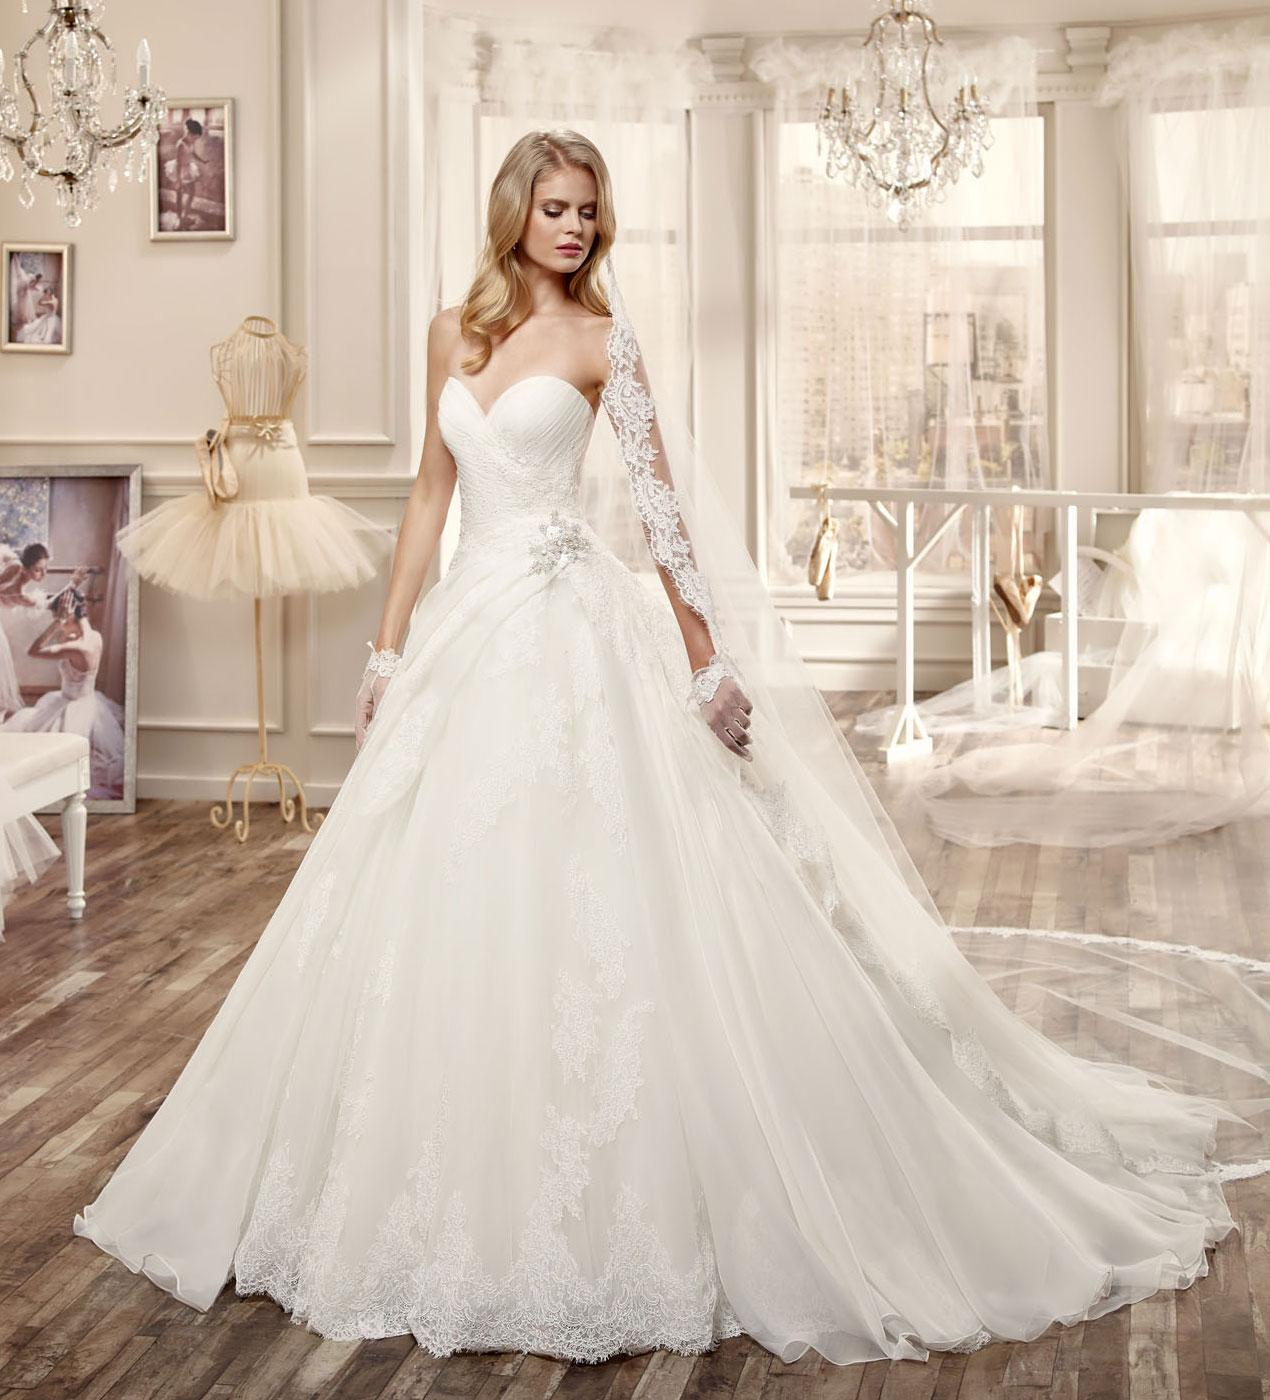 Beste Italienisches Hochzeitskleid Fotos - Hochzeit Kleid Stile ...